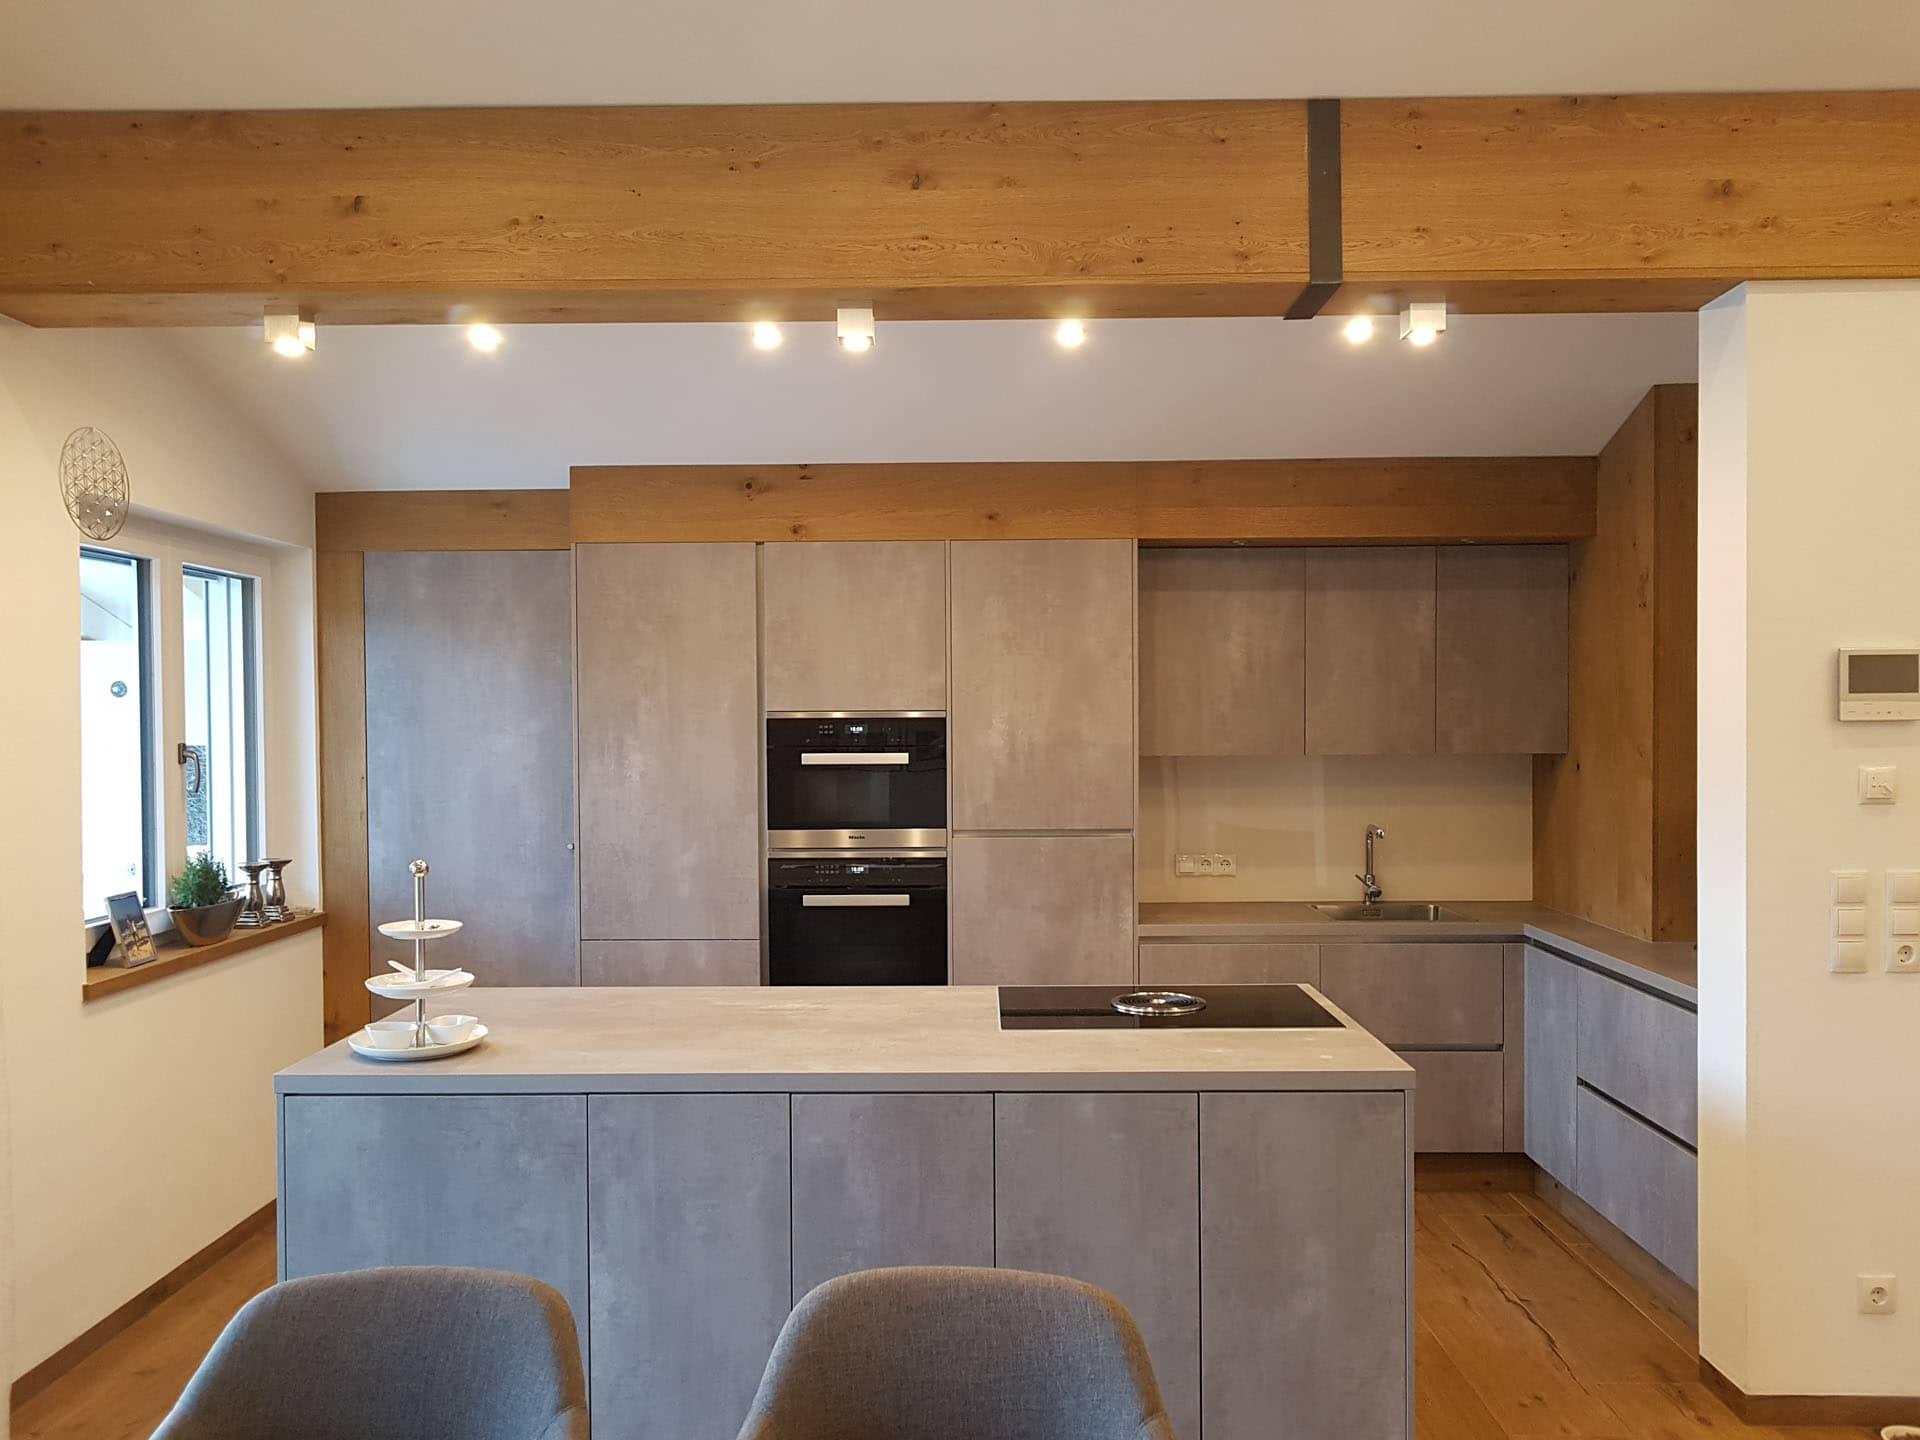 Ziemlich Küche Renovierungen Nj Zeitgenössisch - Ideen Für Die Küche ...